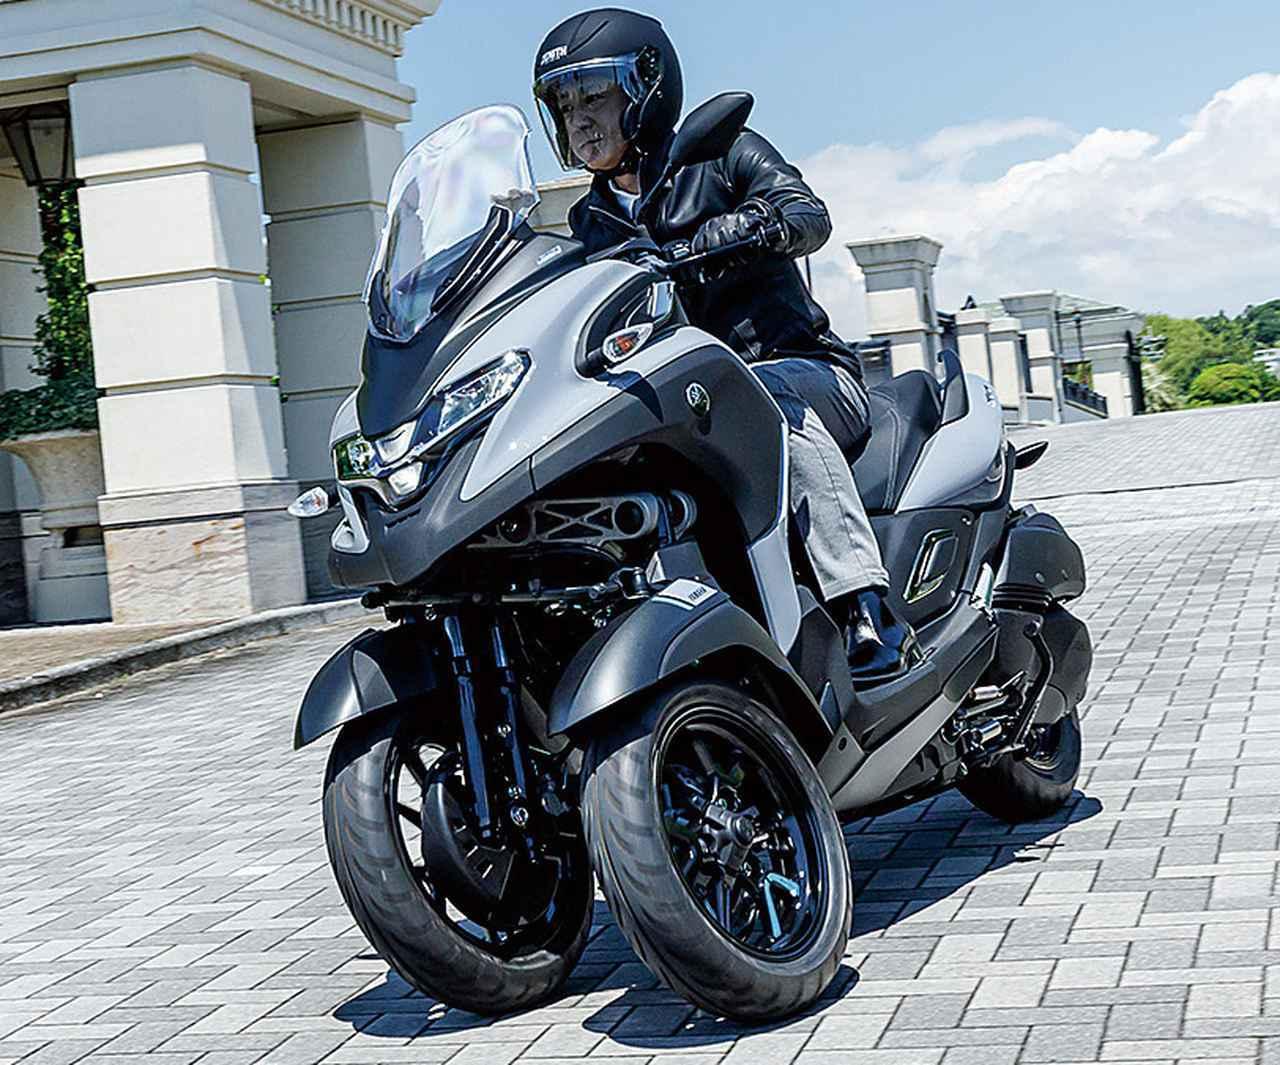 画像: ヤマハが「トリシティ300」の発売を決定! 価格・スペック・発売日・カラーバリエーション・特徴を解説 - webオートバイ